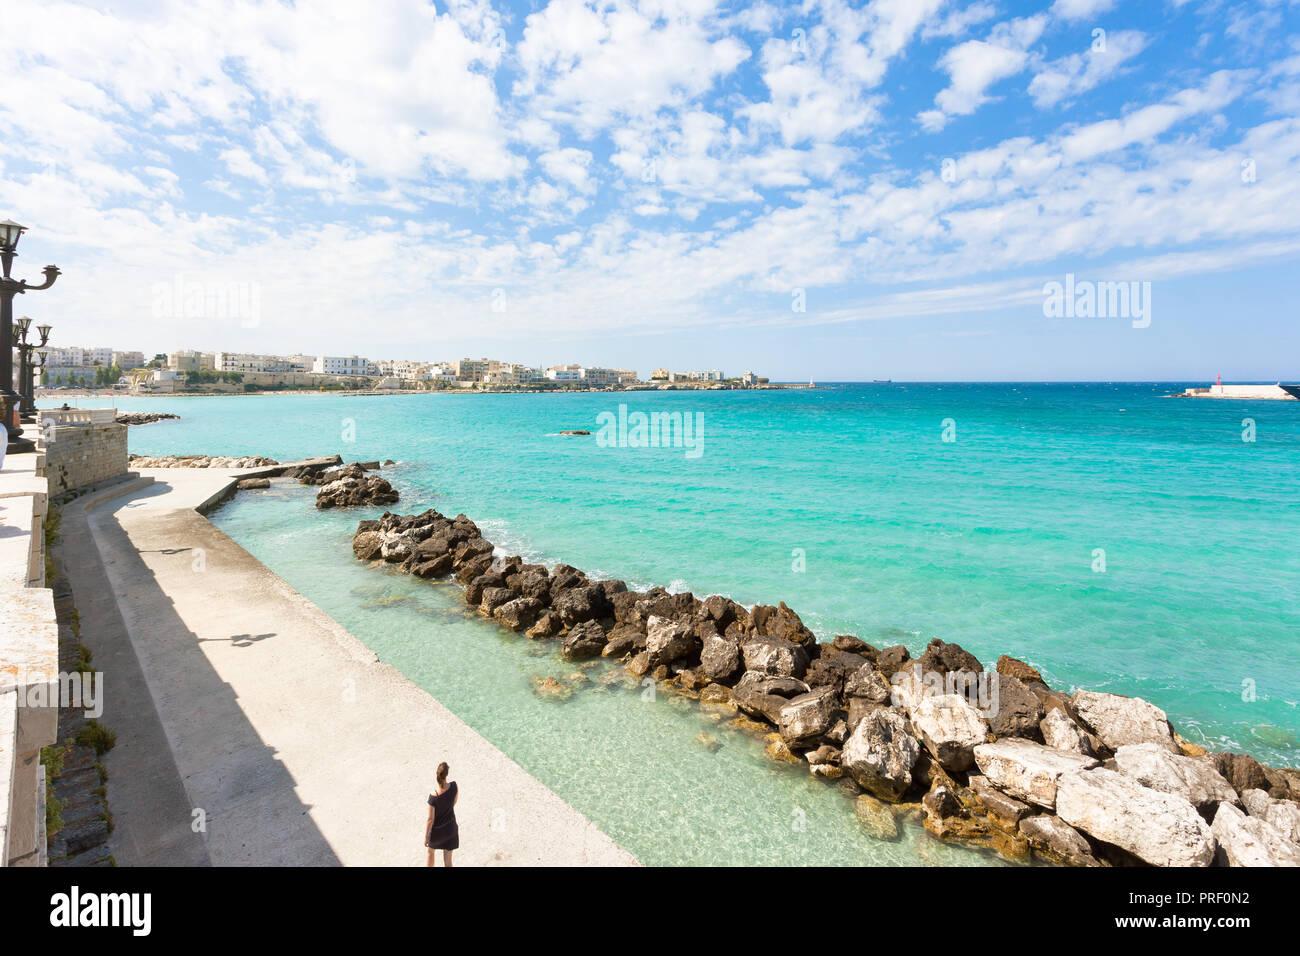 Otranto, Apulia, Italy - Wave-breaker at the quay of Otranto in Italy Stock Photo